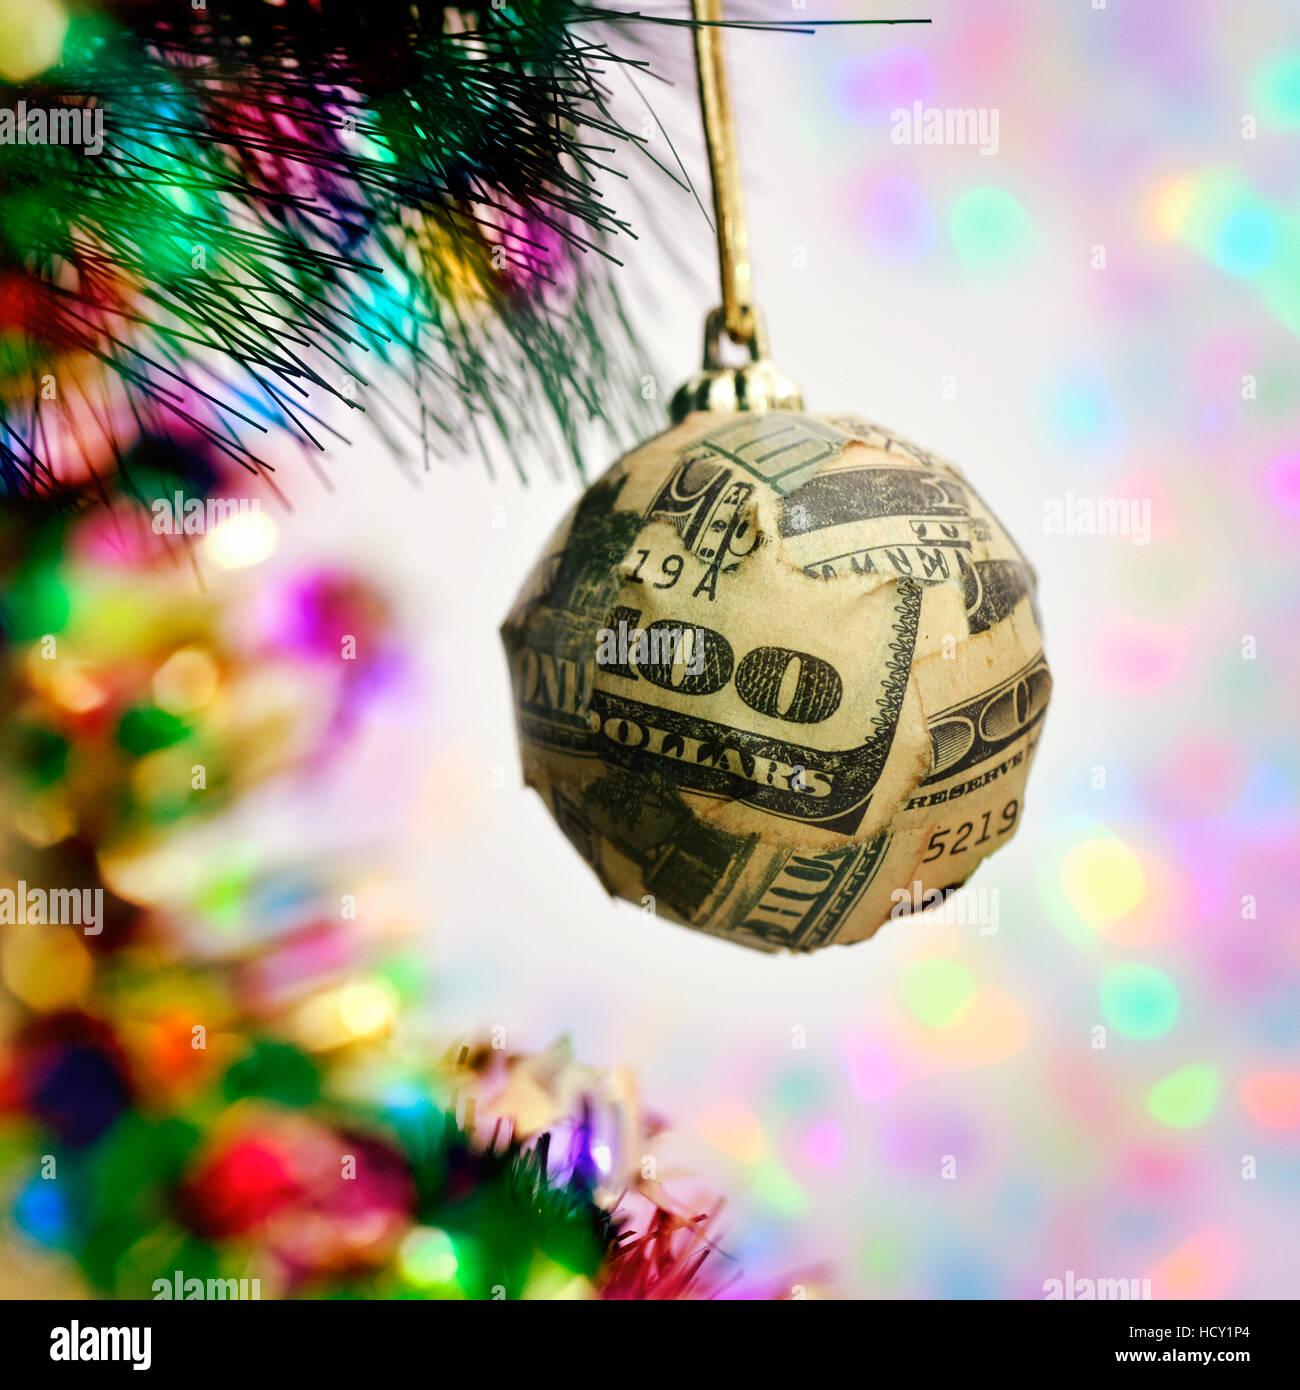 eine Weihnachtskugel eingewickelt in Stücke von einer hundert-Dollar-Banknote aus dem Zweig von einem Weihnachtsbaum Stockbild